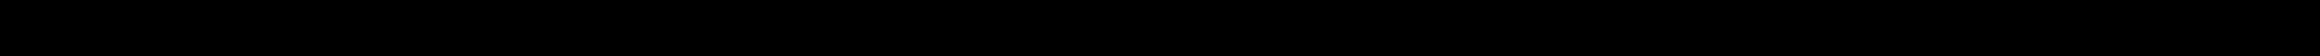 MANN-FILTER 3002261, 363 020, 387 493, 442 004, 711.922.604 Oljni filter